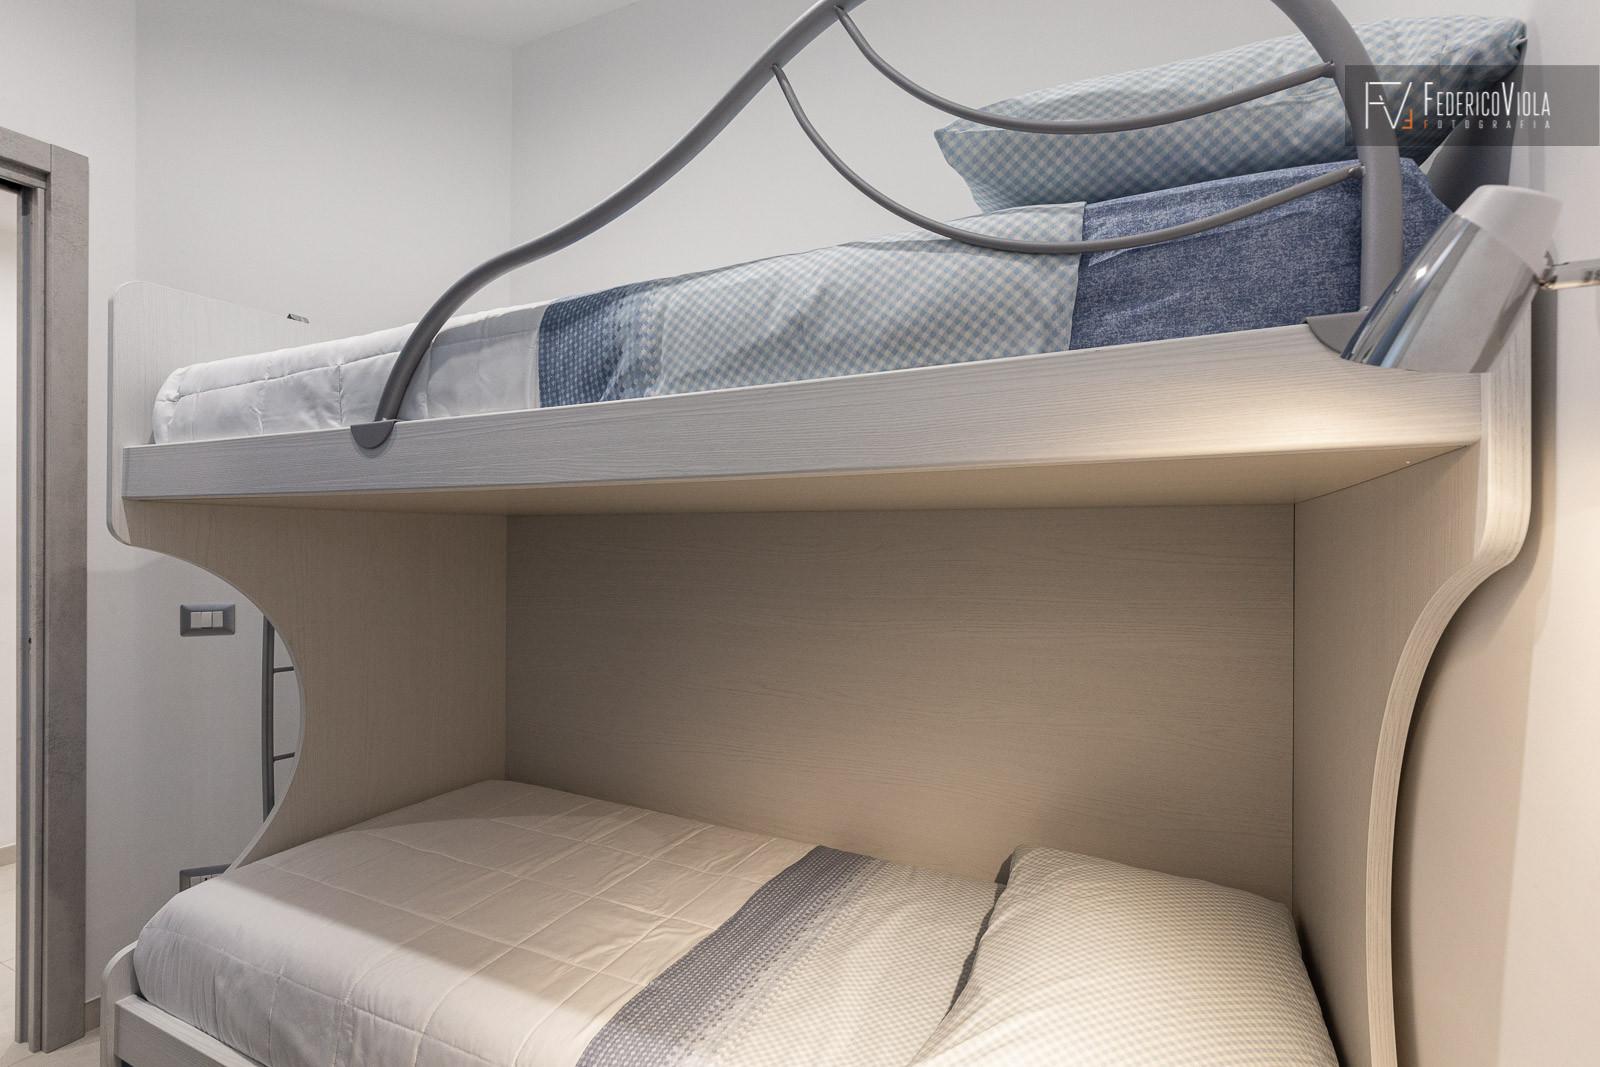 Foto-appartamento-mv-in-affitto-Gaeta-14